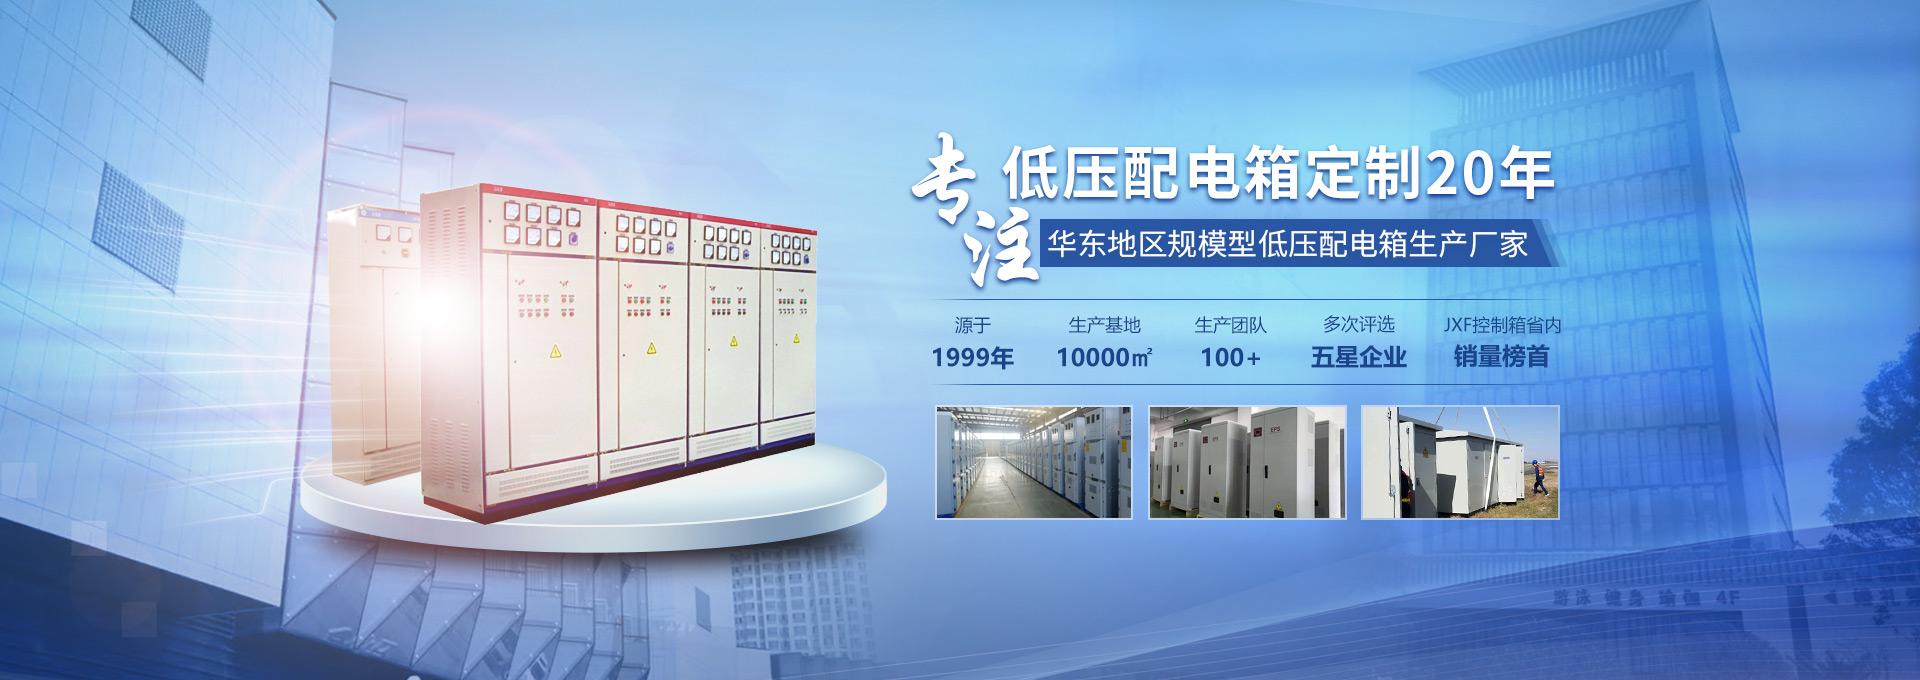 千亚电气 专注低压配电箱定制20年